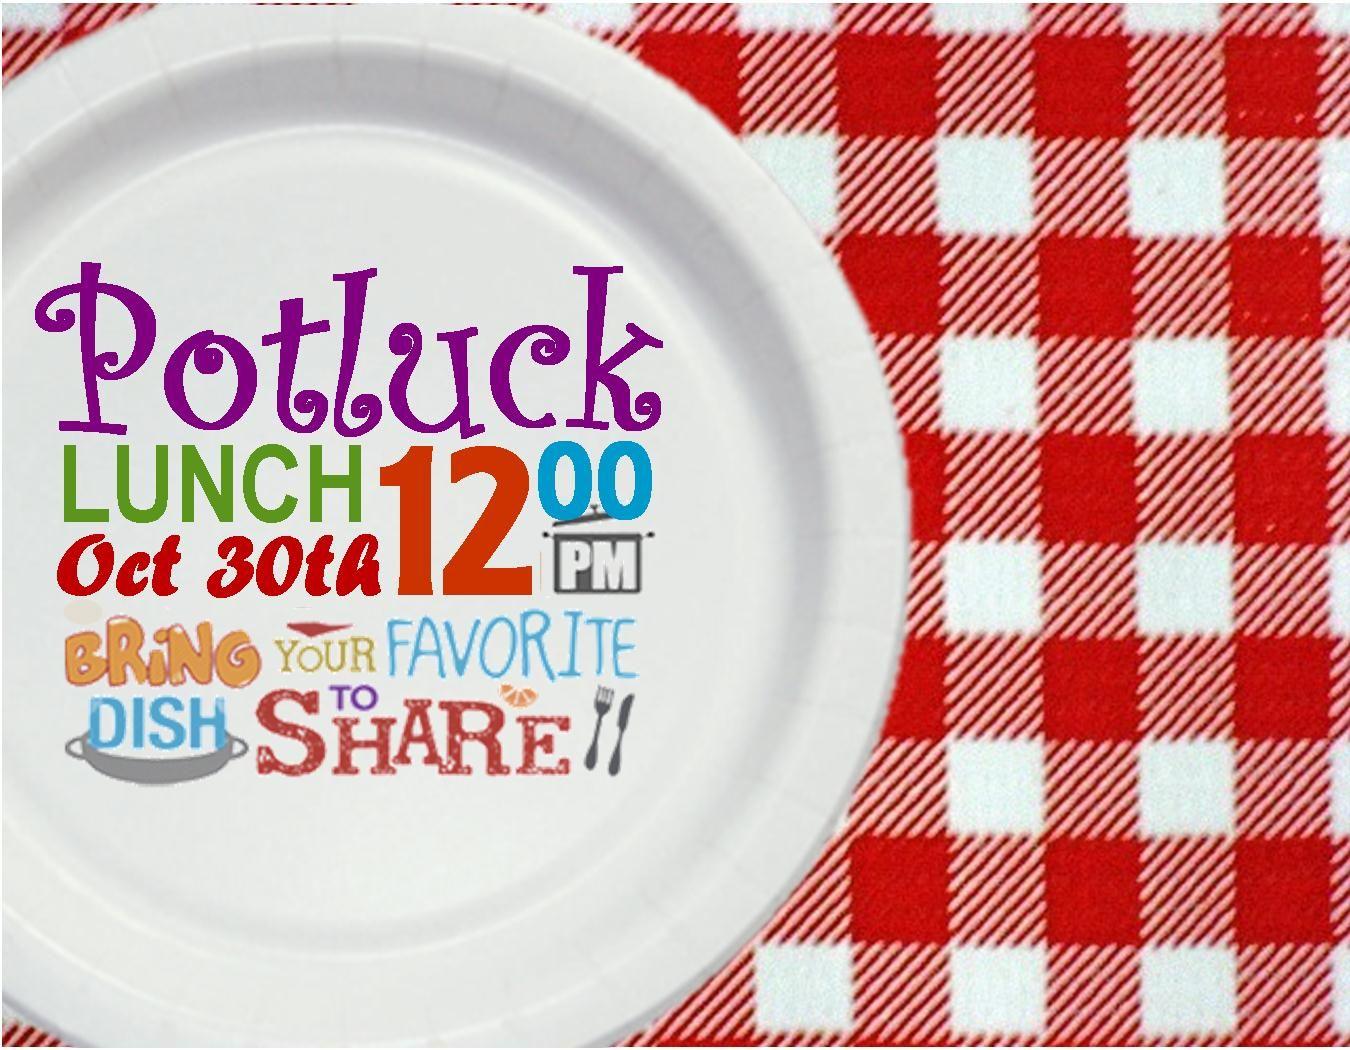 Potluck Lunch Invitation